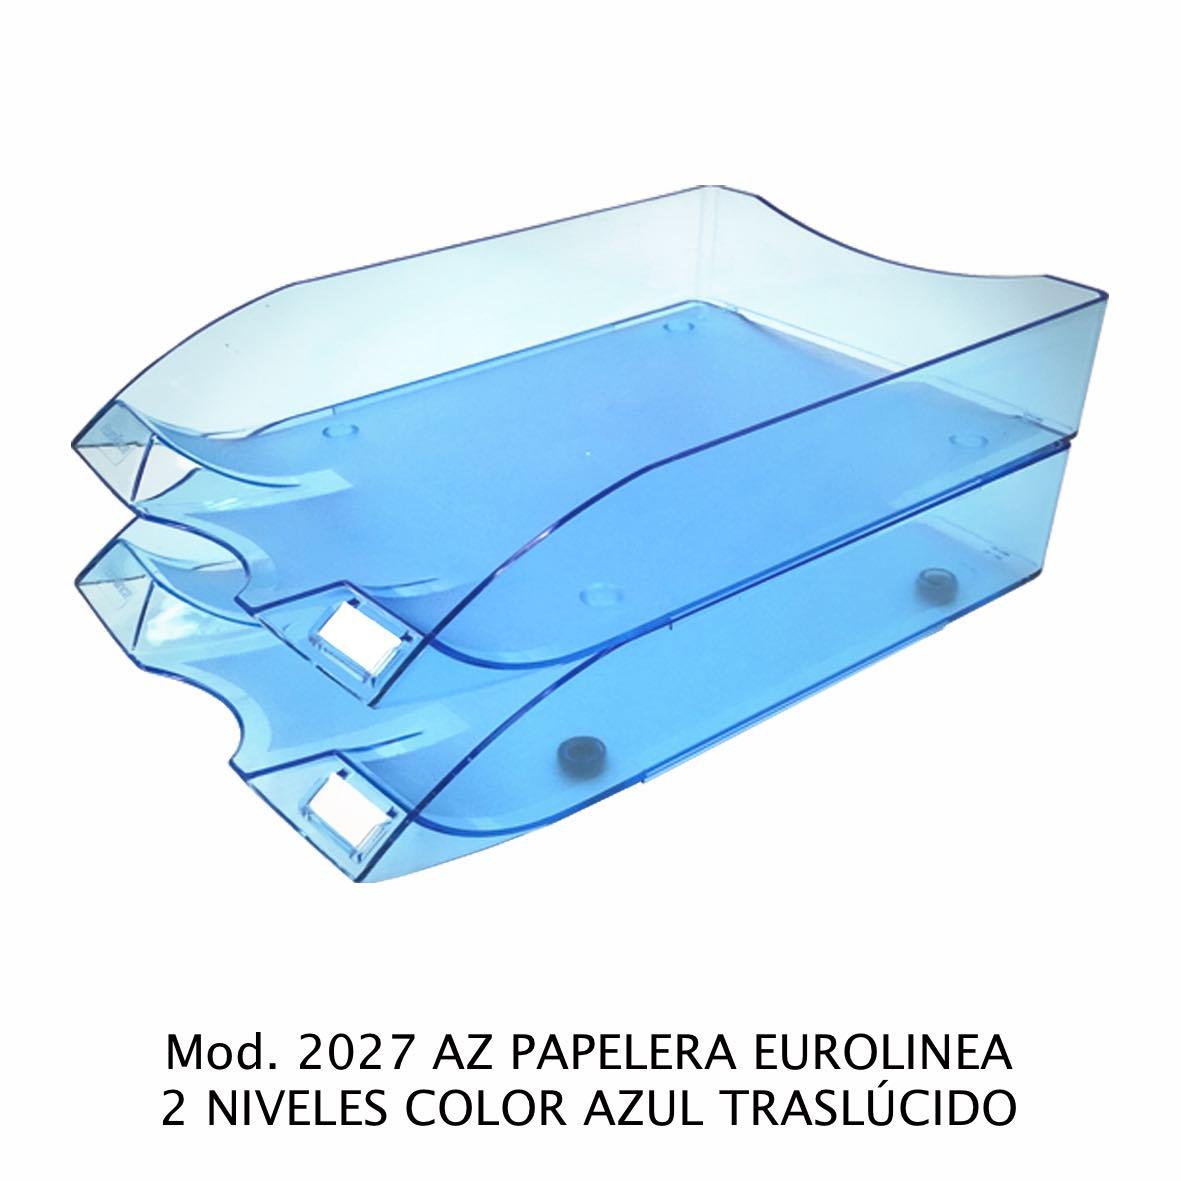 Charola de escritorio tamaño oficio de 2 niveles color azul traslúcido Eurolínea Modelo 2027 AZ - Sablón